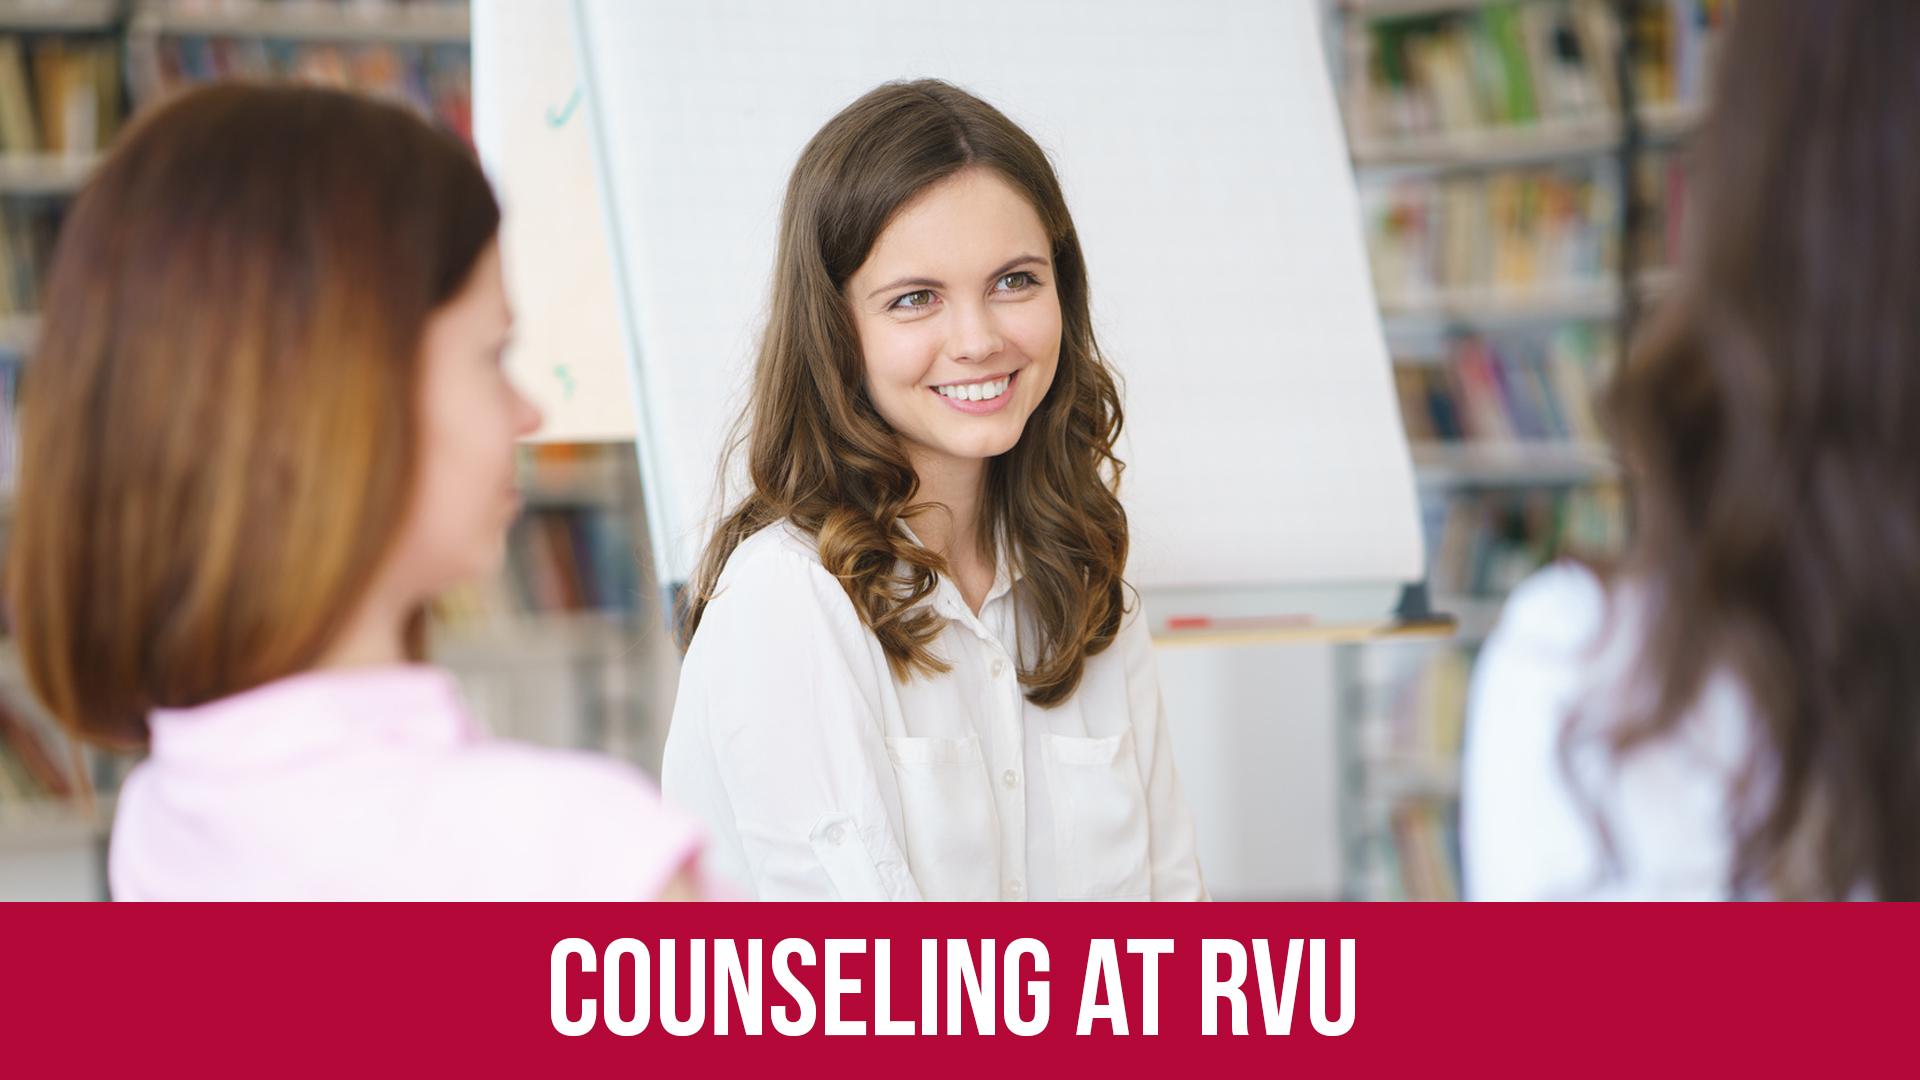 Box Counseling At RVU